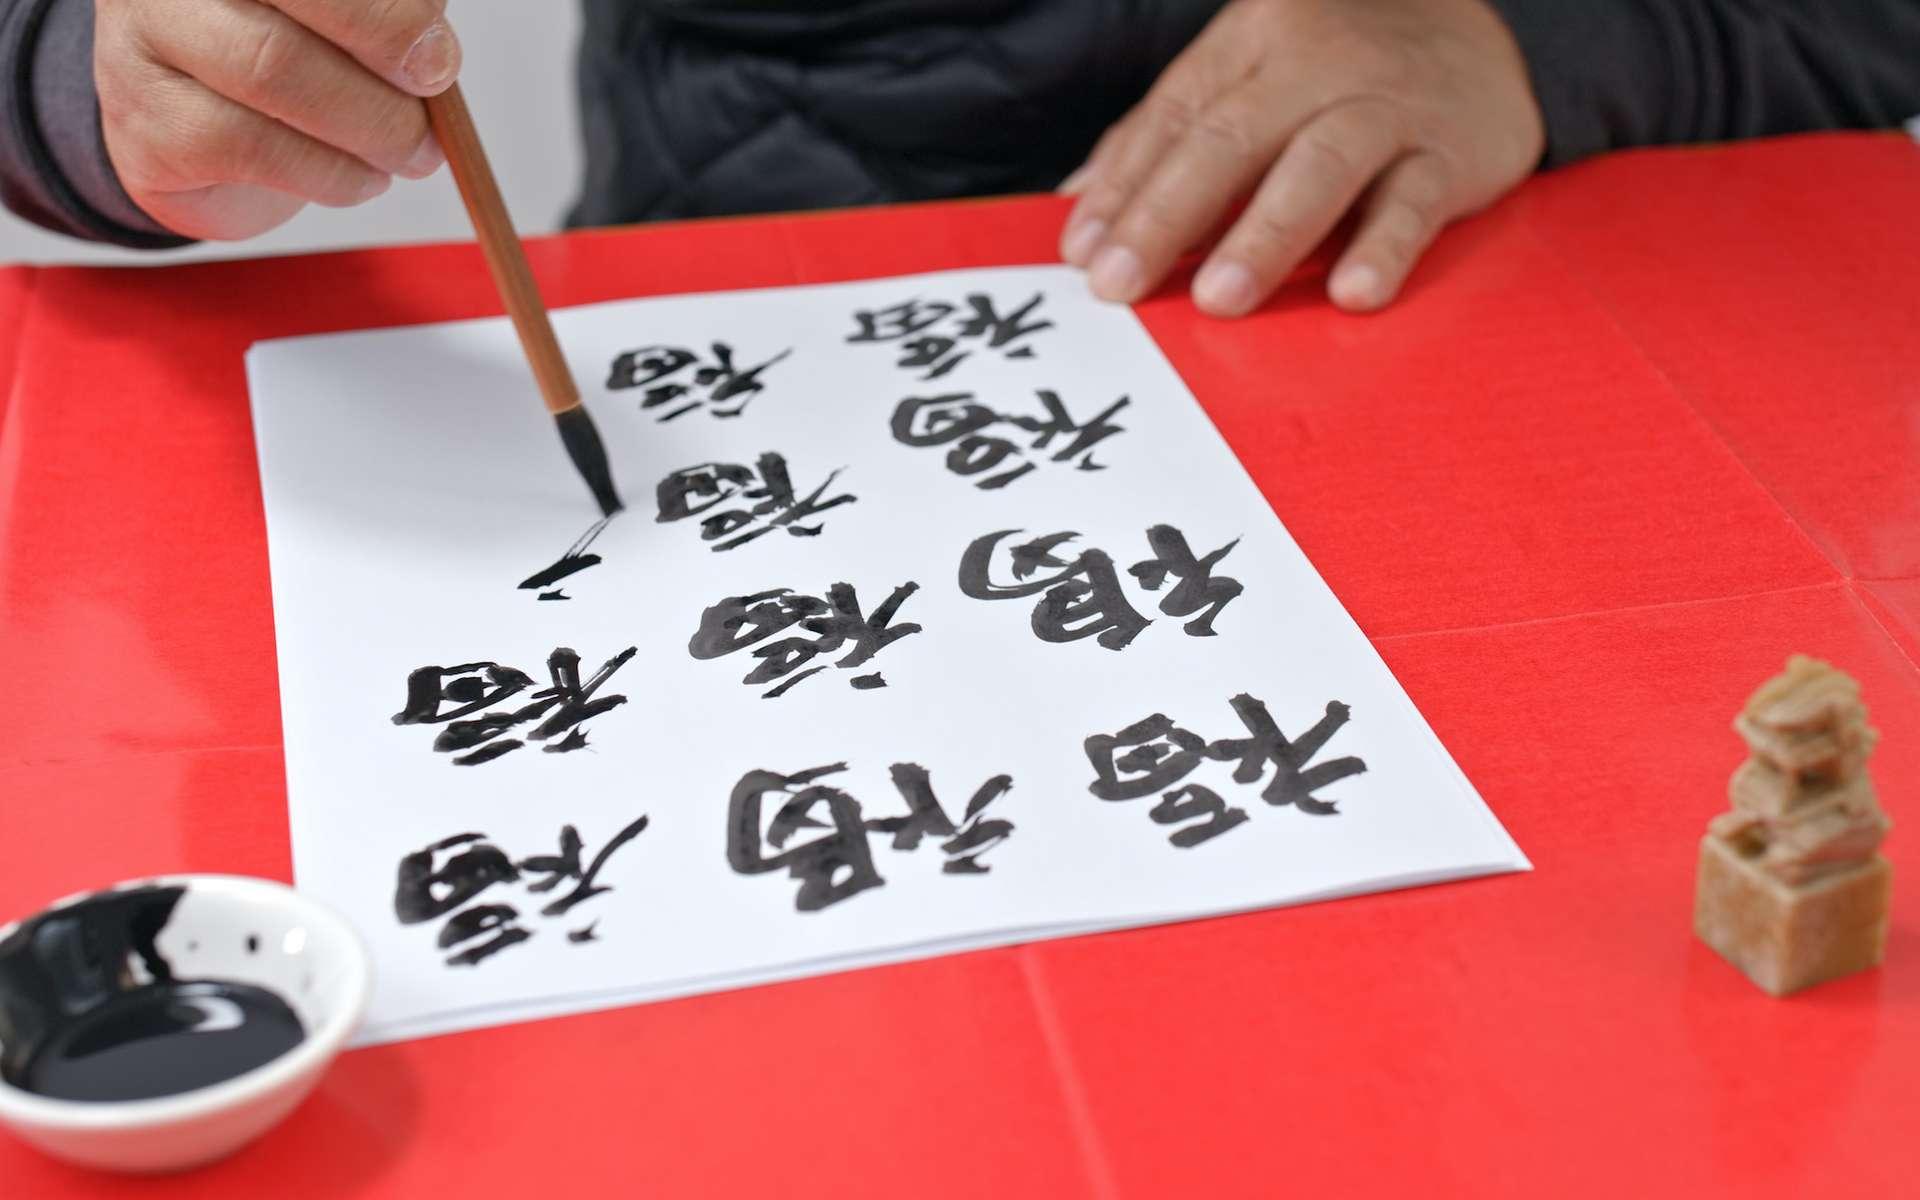 La calligraphie est l'art de dessiner les lettres. © leungchopan, Adobe Stock